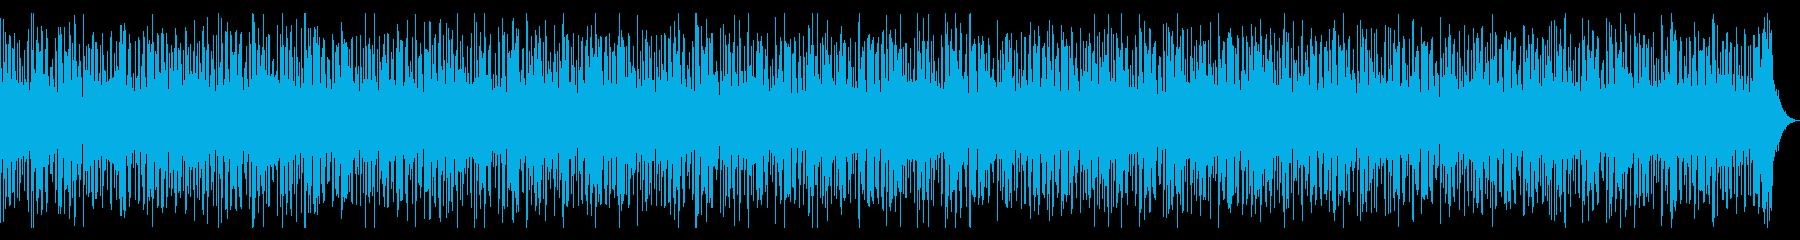 本日のハイライト_ニュース・報道系DnBの再生済みの波形